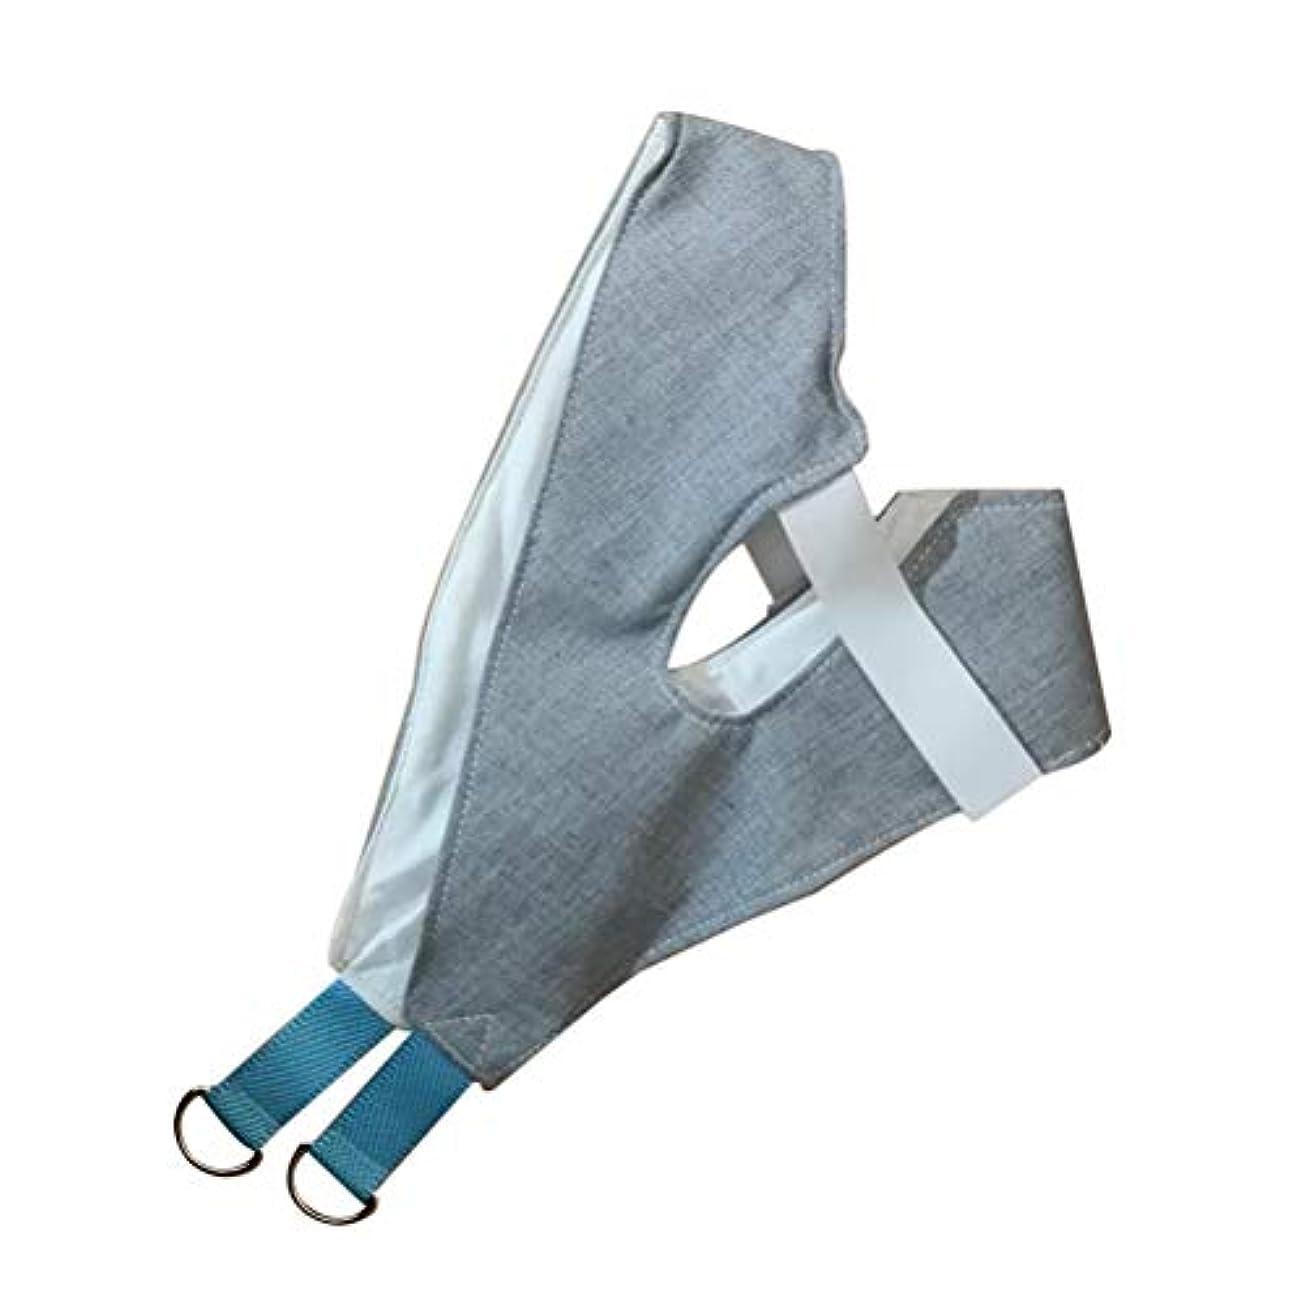 恥ずかしさ十バスケットボールHEALLILY ホームネック牽引装置(ドアの向こう側)頸部牽引装置ユニット肩括弧頭痛緩和および回復用具(ラムダムカラー)